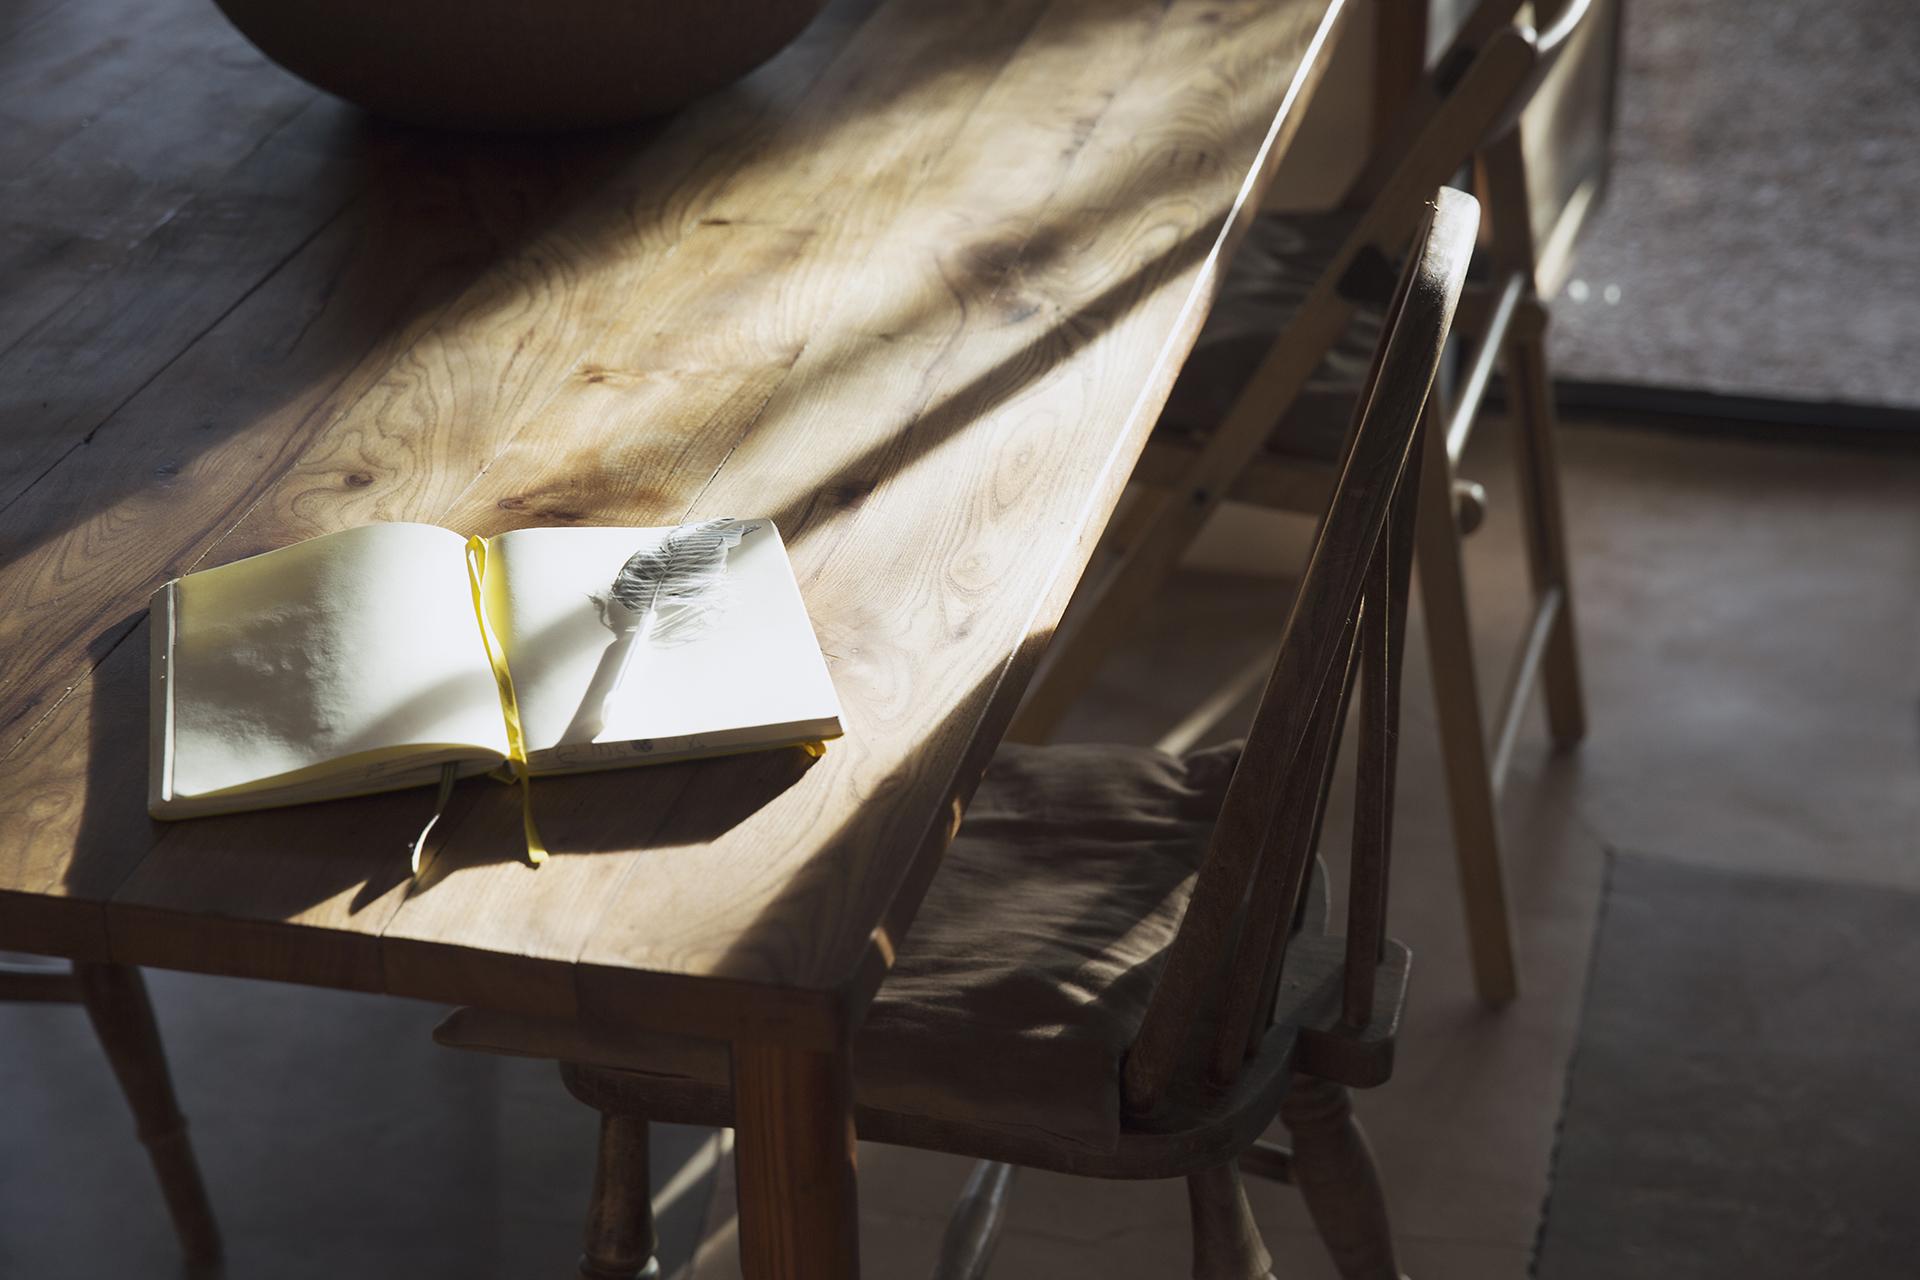 capaz-mirandakoopman-interieur-fotografie_lifestyle27